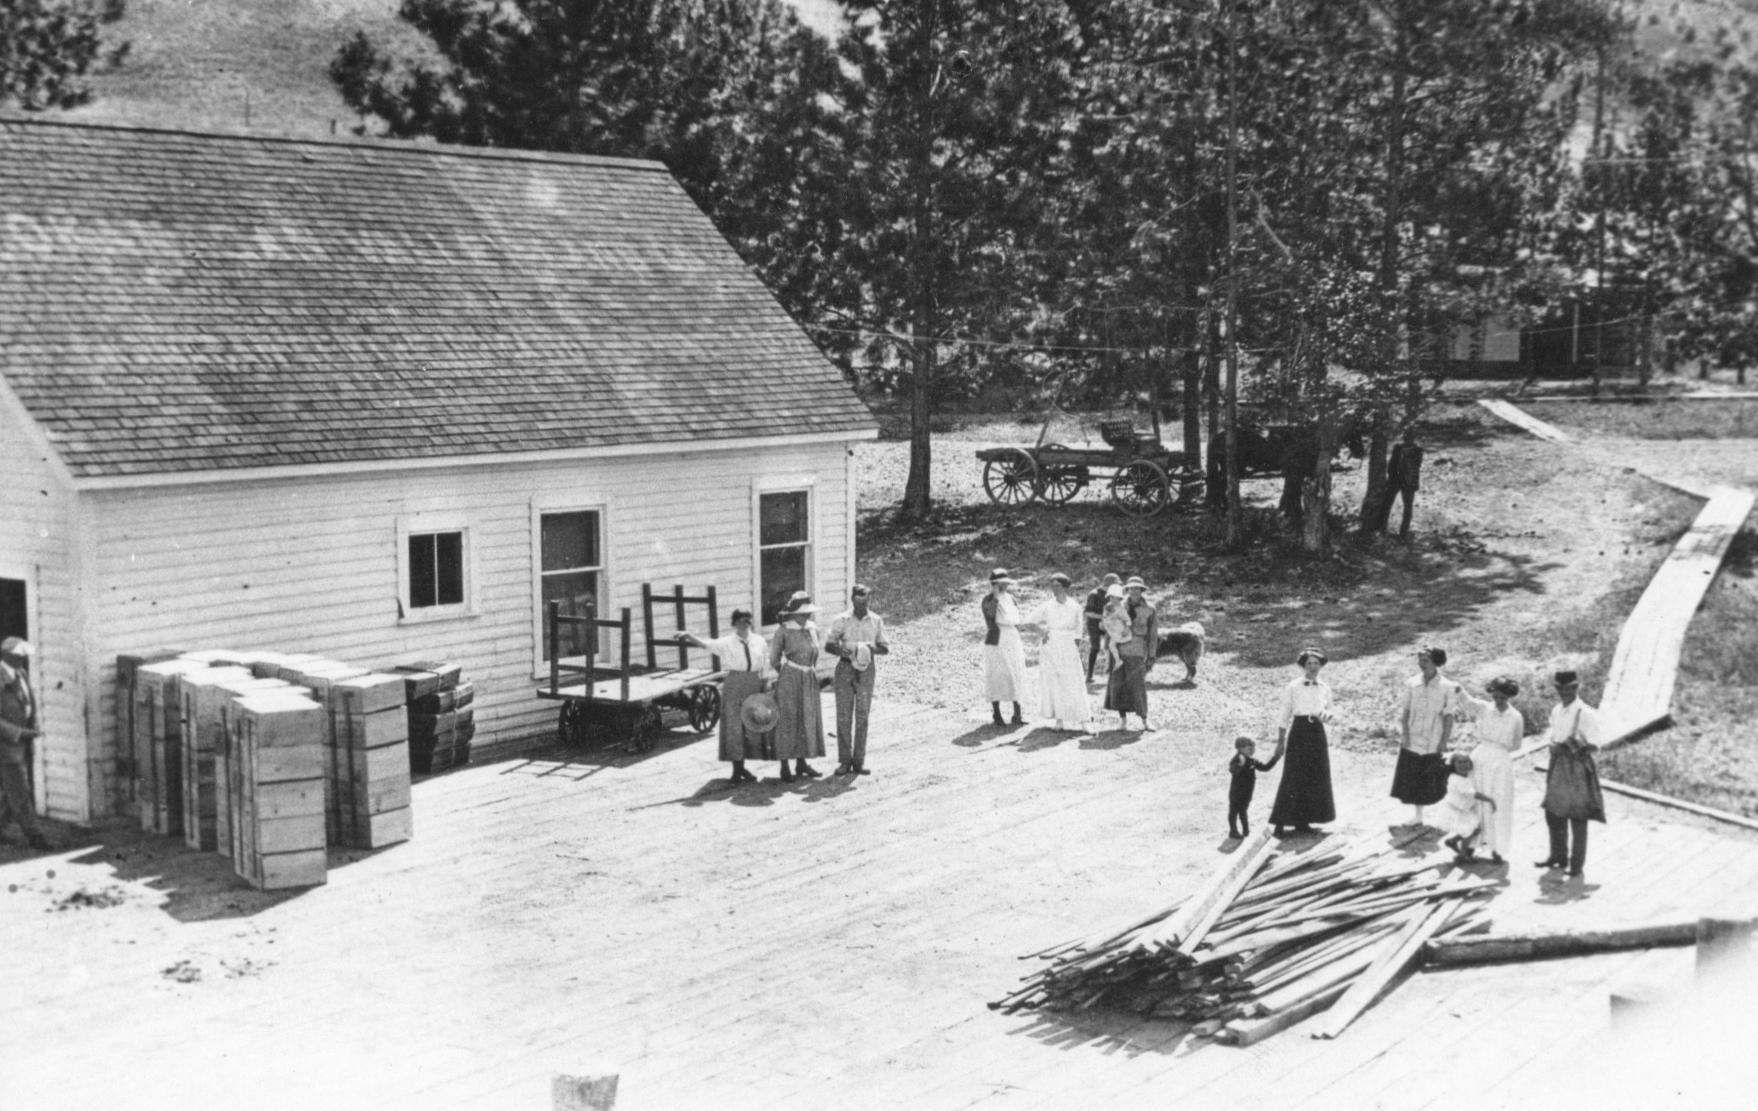 Photo en noir et blanc représentant plusieurs hommes, femmes et enfants sur une grande terrasse de bois devant un édifice blanc en bois; ils portent tous des vêtements du début du XXe siècle. Sur leur gauche, des piles de caisses de pommes et une charrette. En arrière-plan, des arbres, de l'herbe, un étroit trottoir en bois et une charrette attelée.